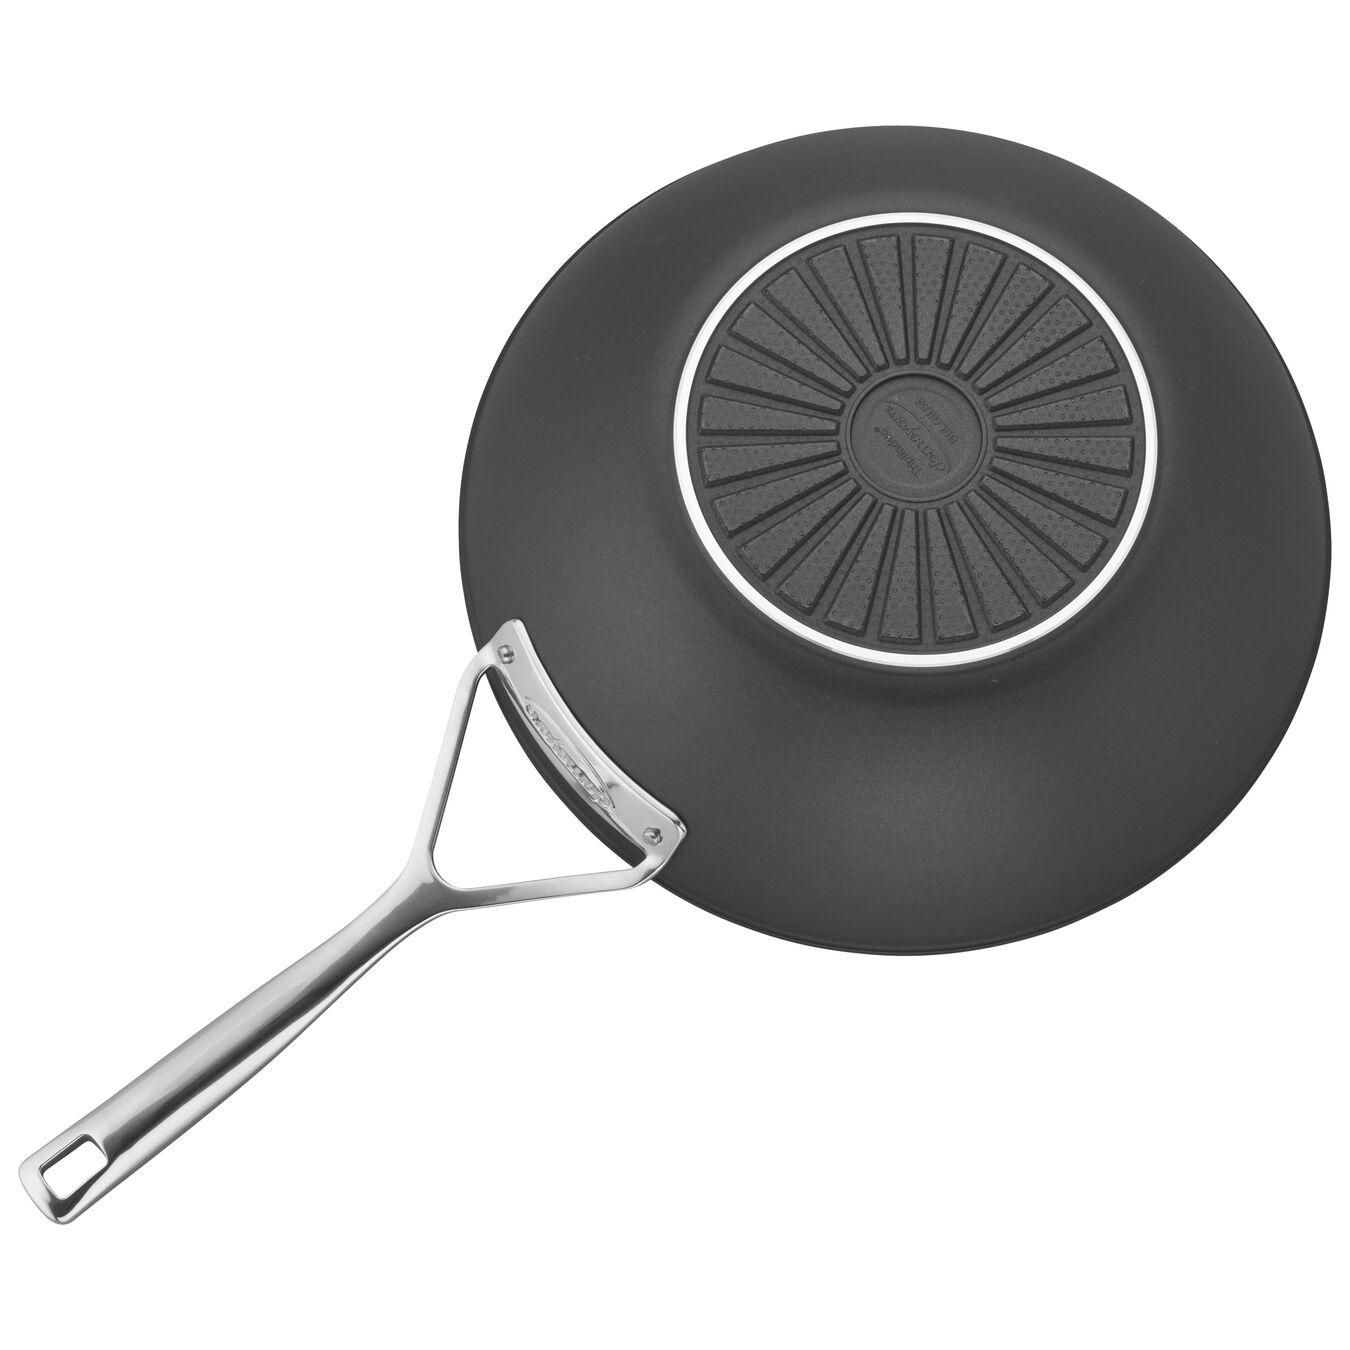 Wok ohne Deckel 30 cm, Aluminium,,large 3